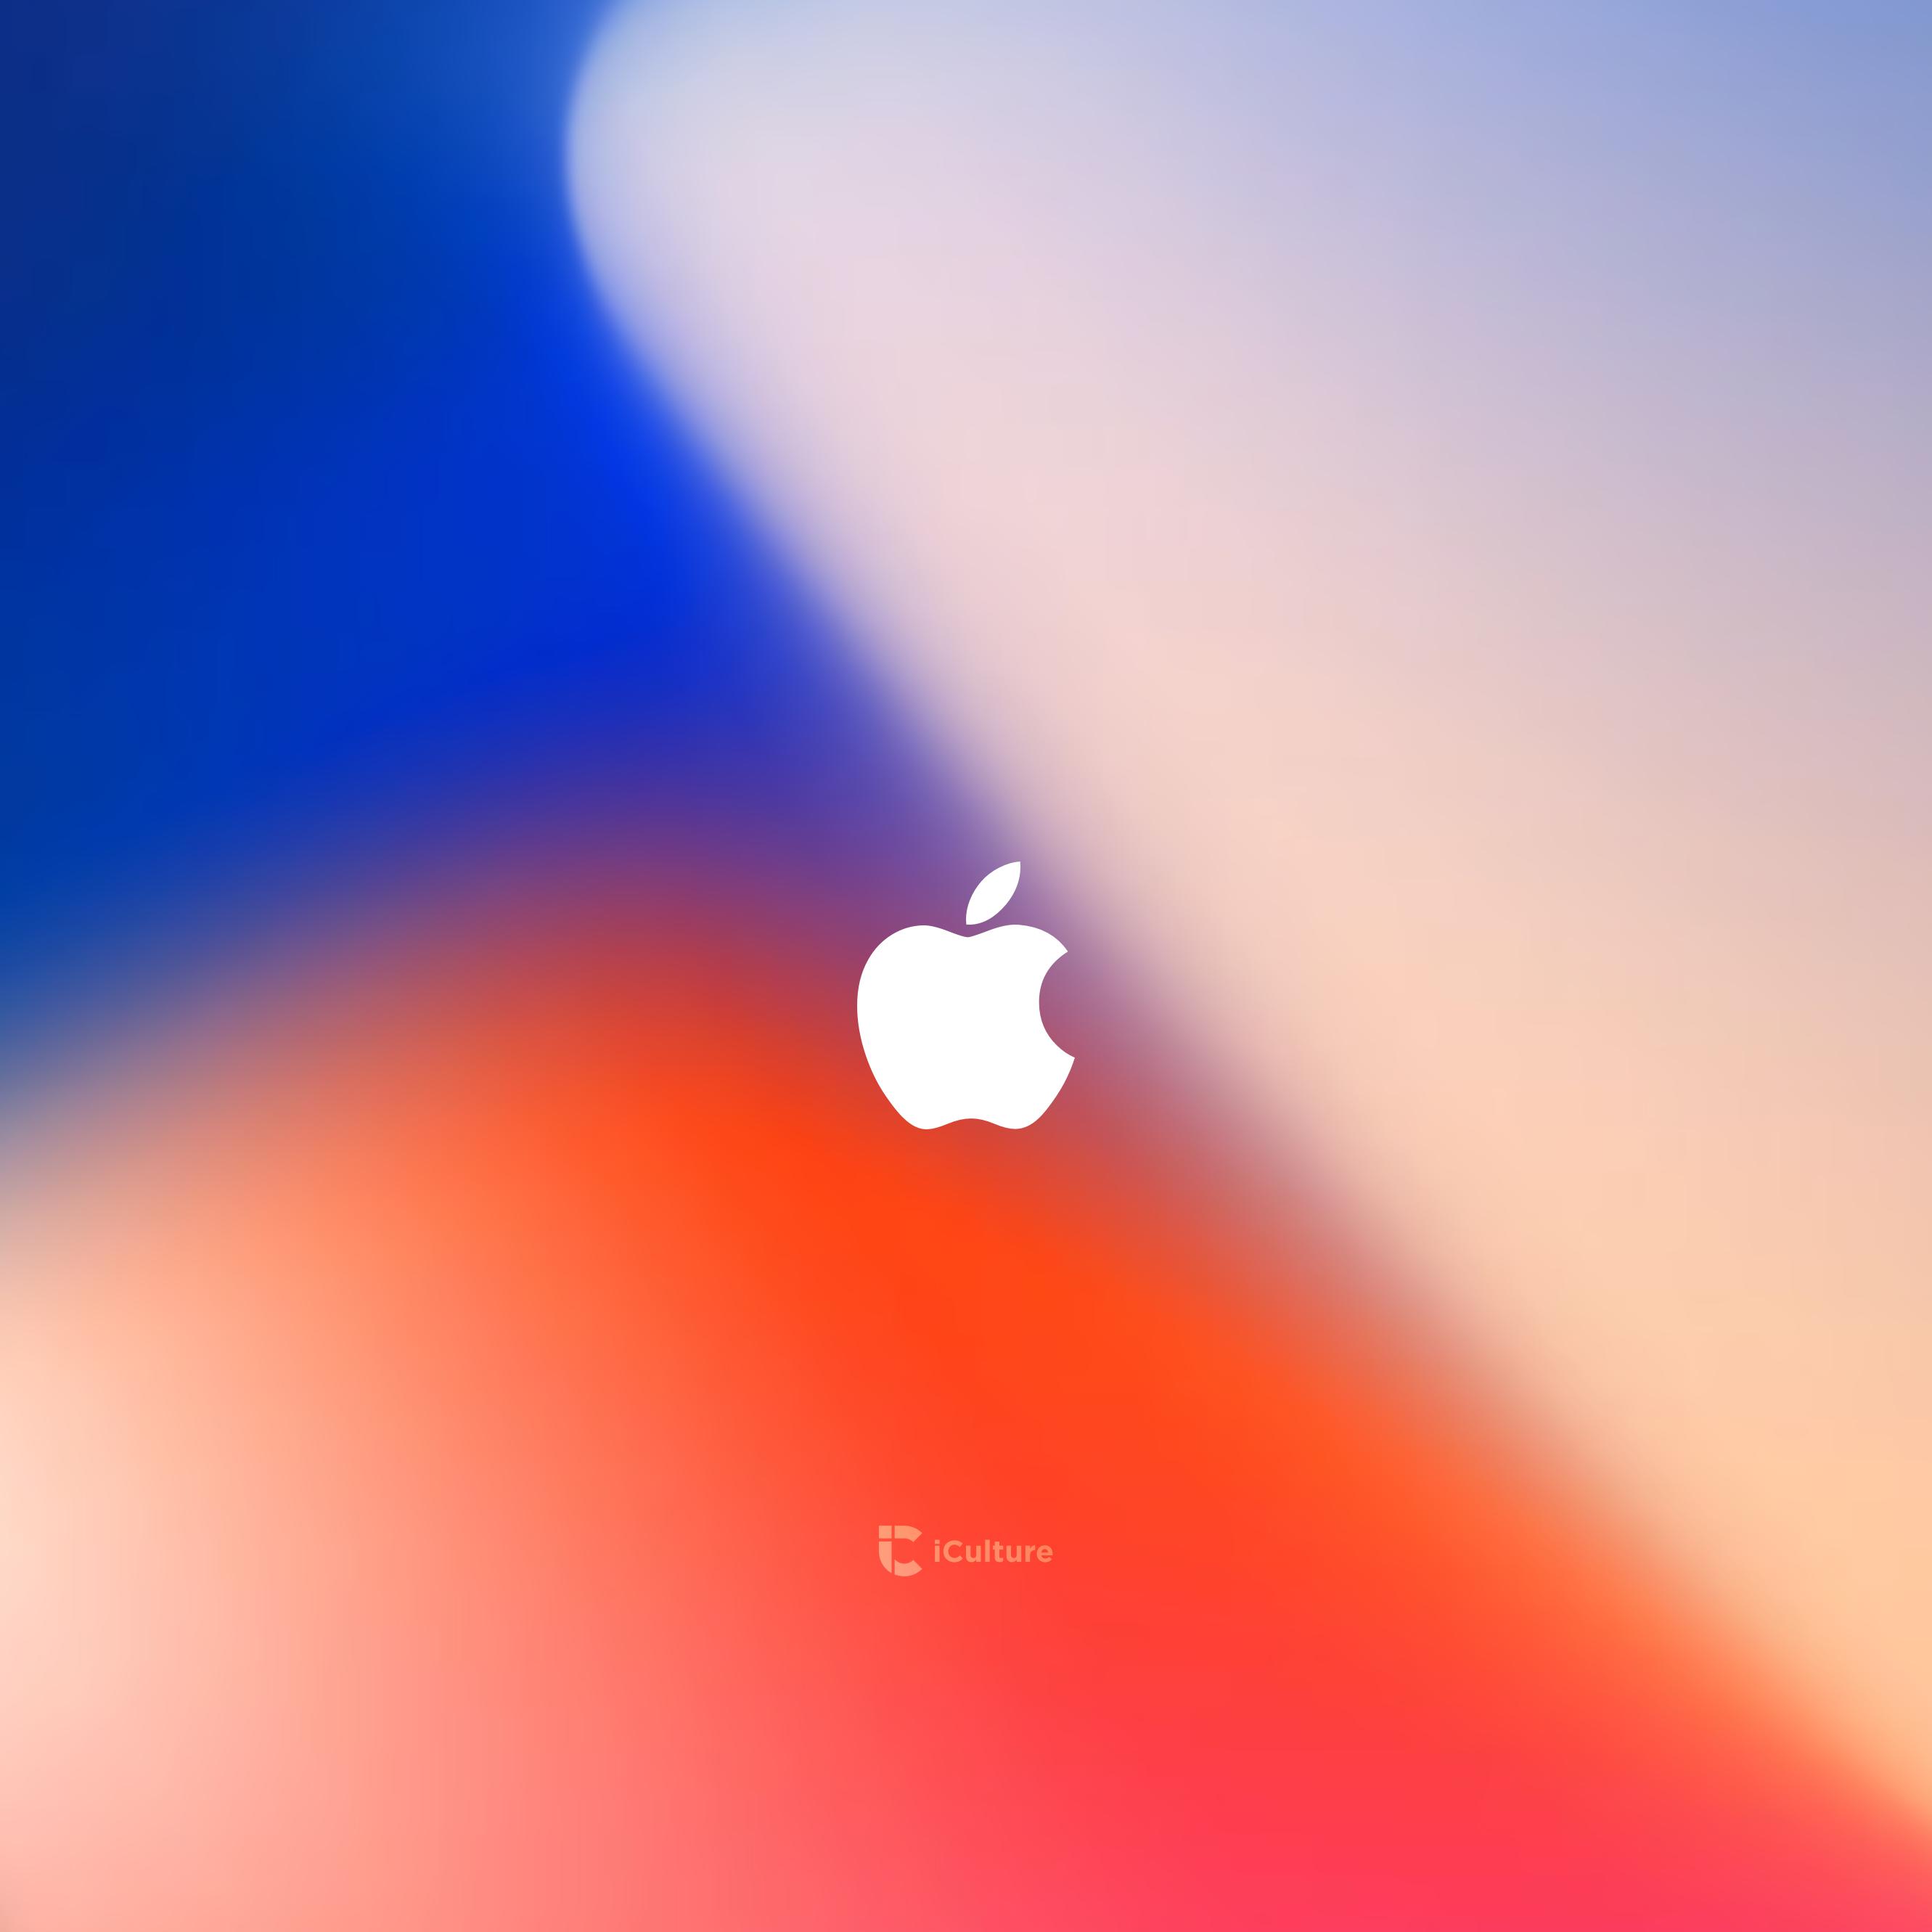 9月12日開催 Appleスペシャルイベントの招待状デザインの壁紙